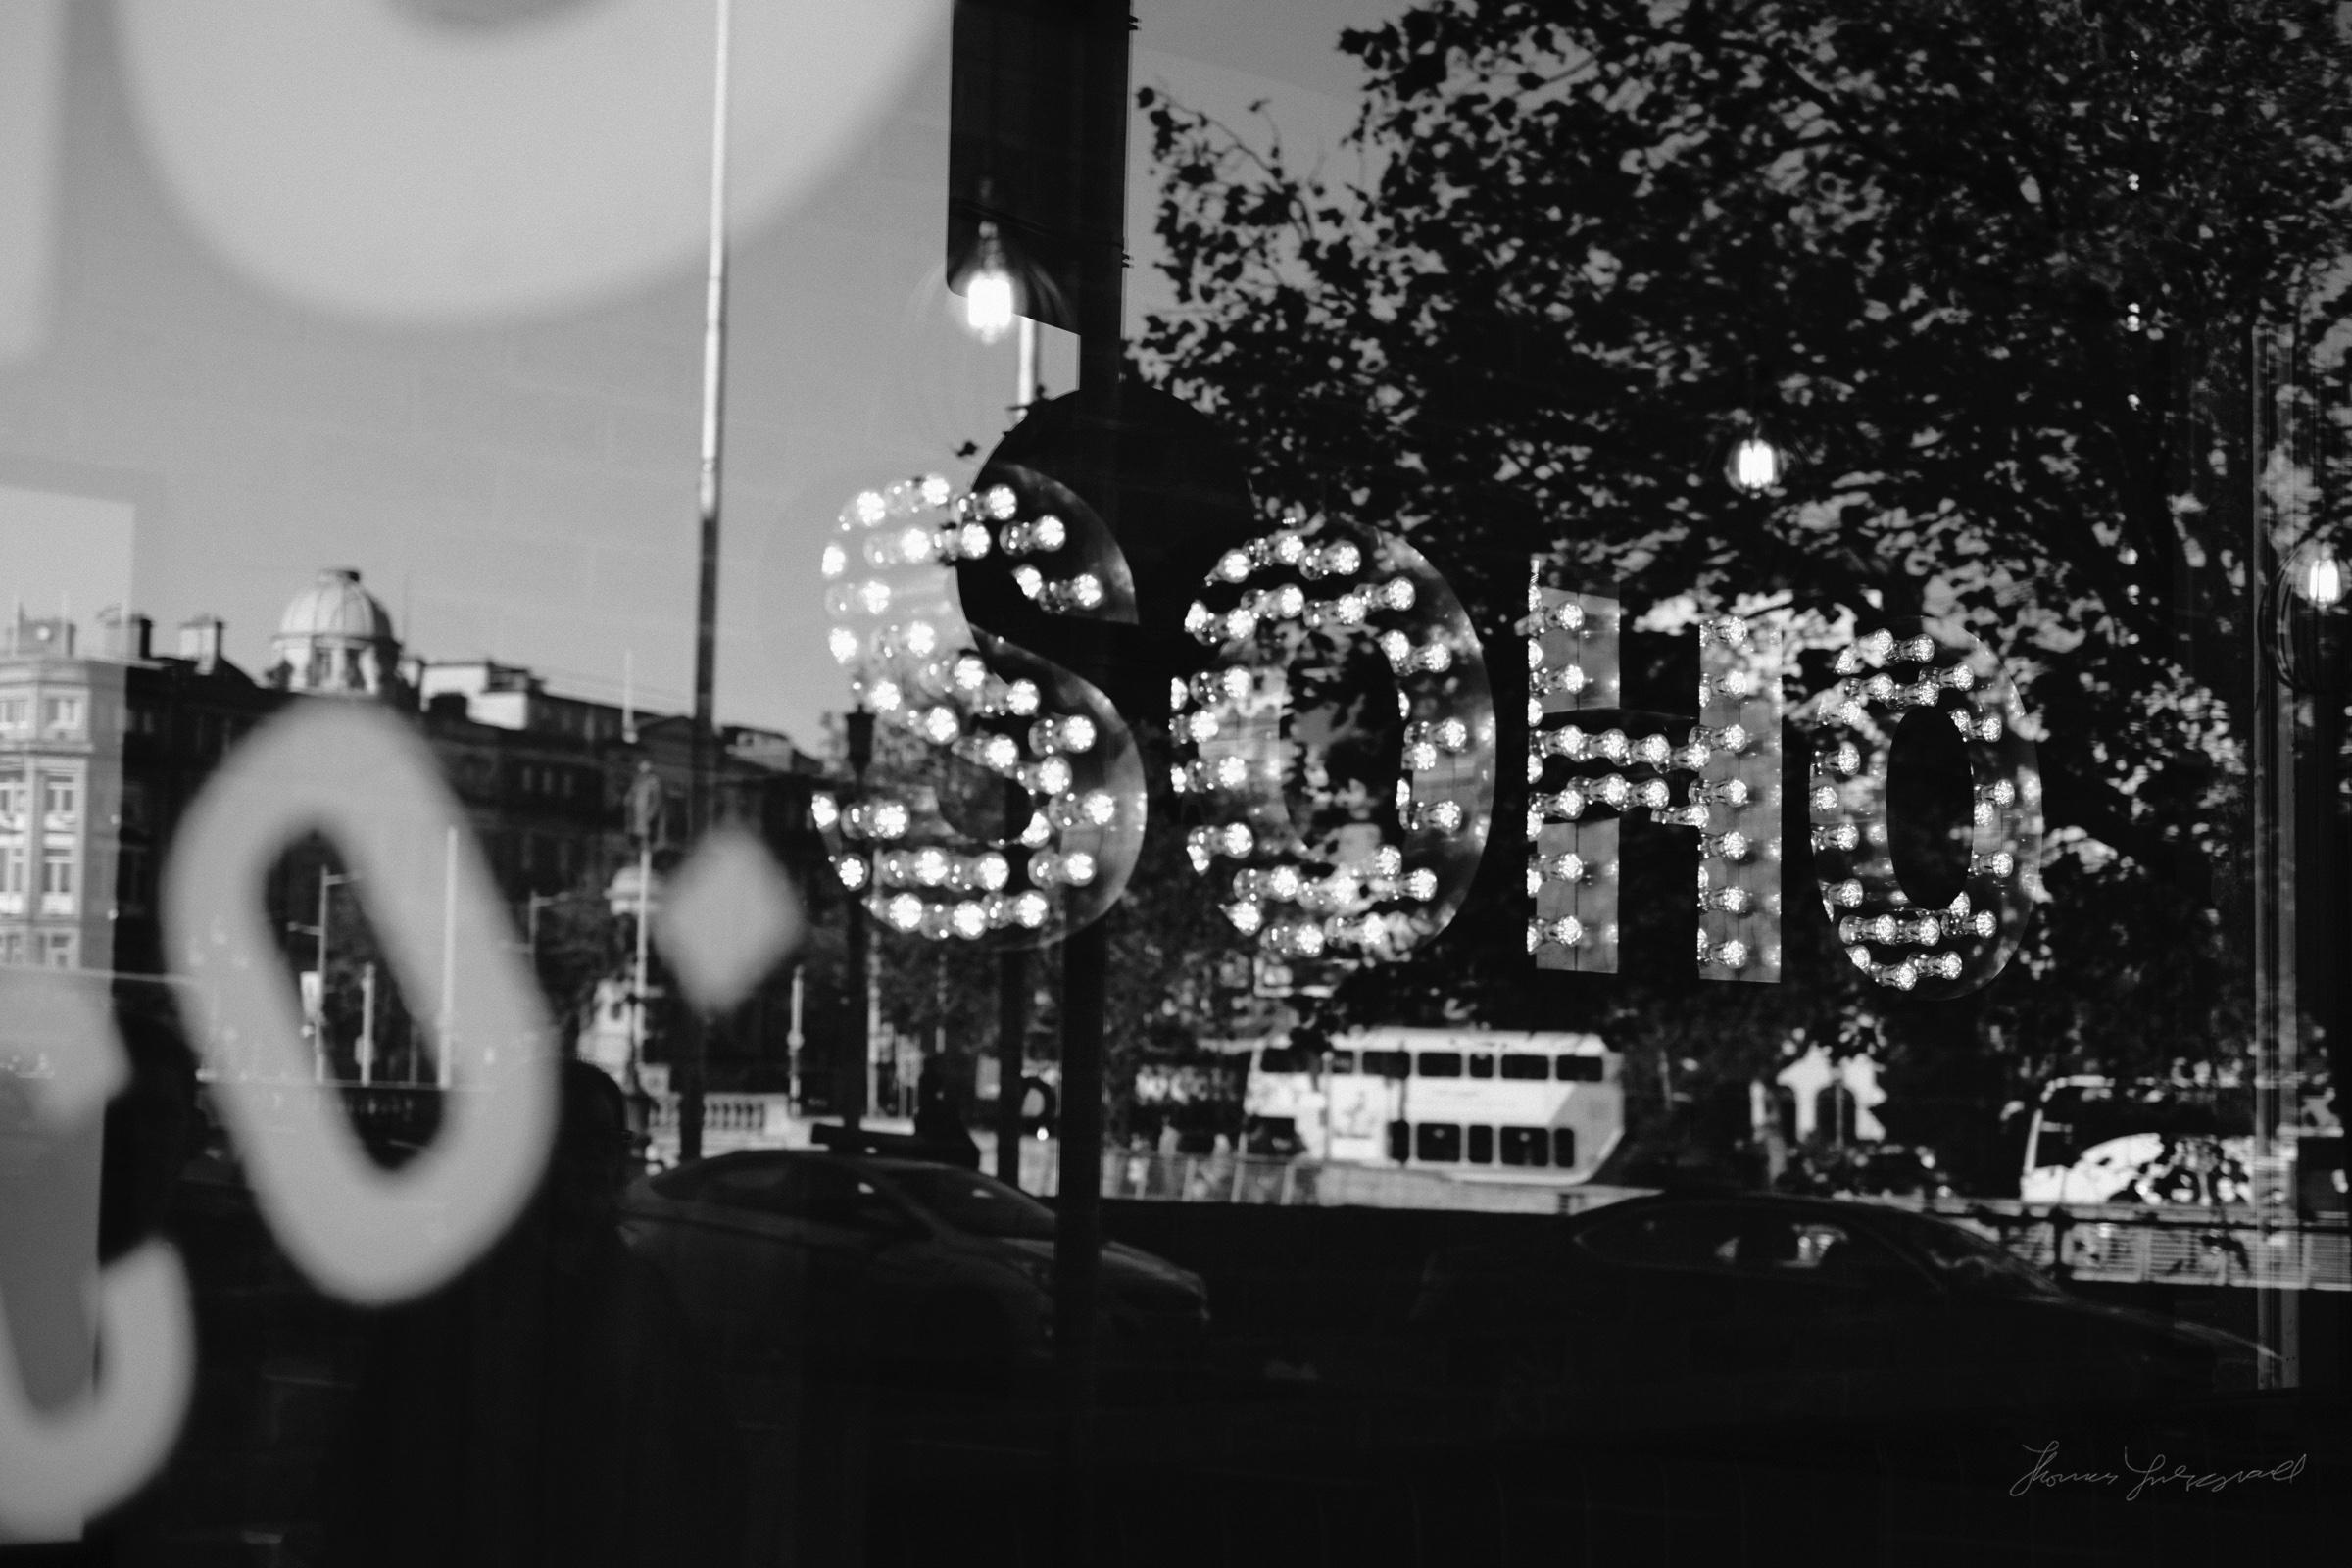 Street-Photography-Dublin-X-Pro2-Acros-063.jpg